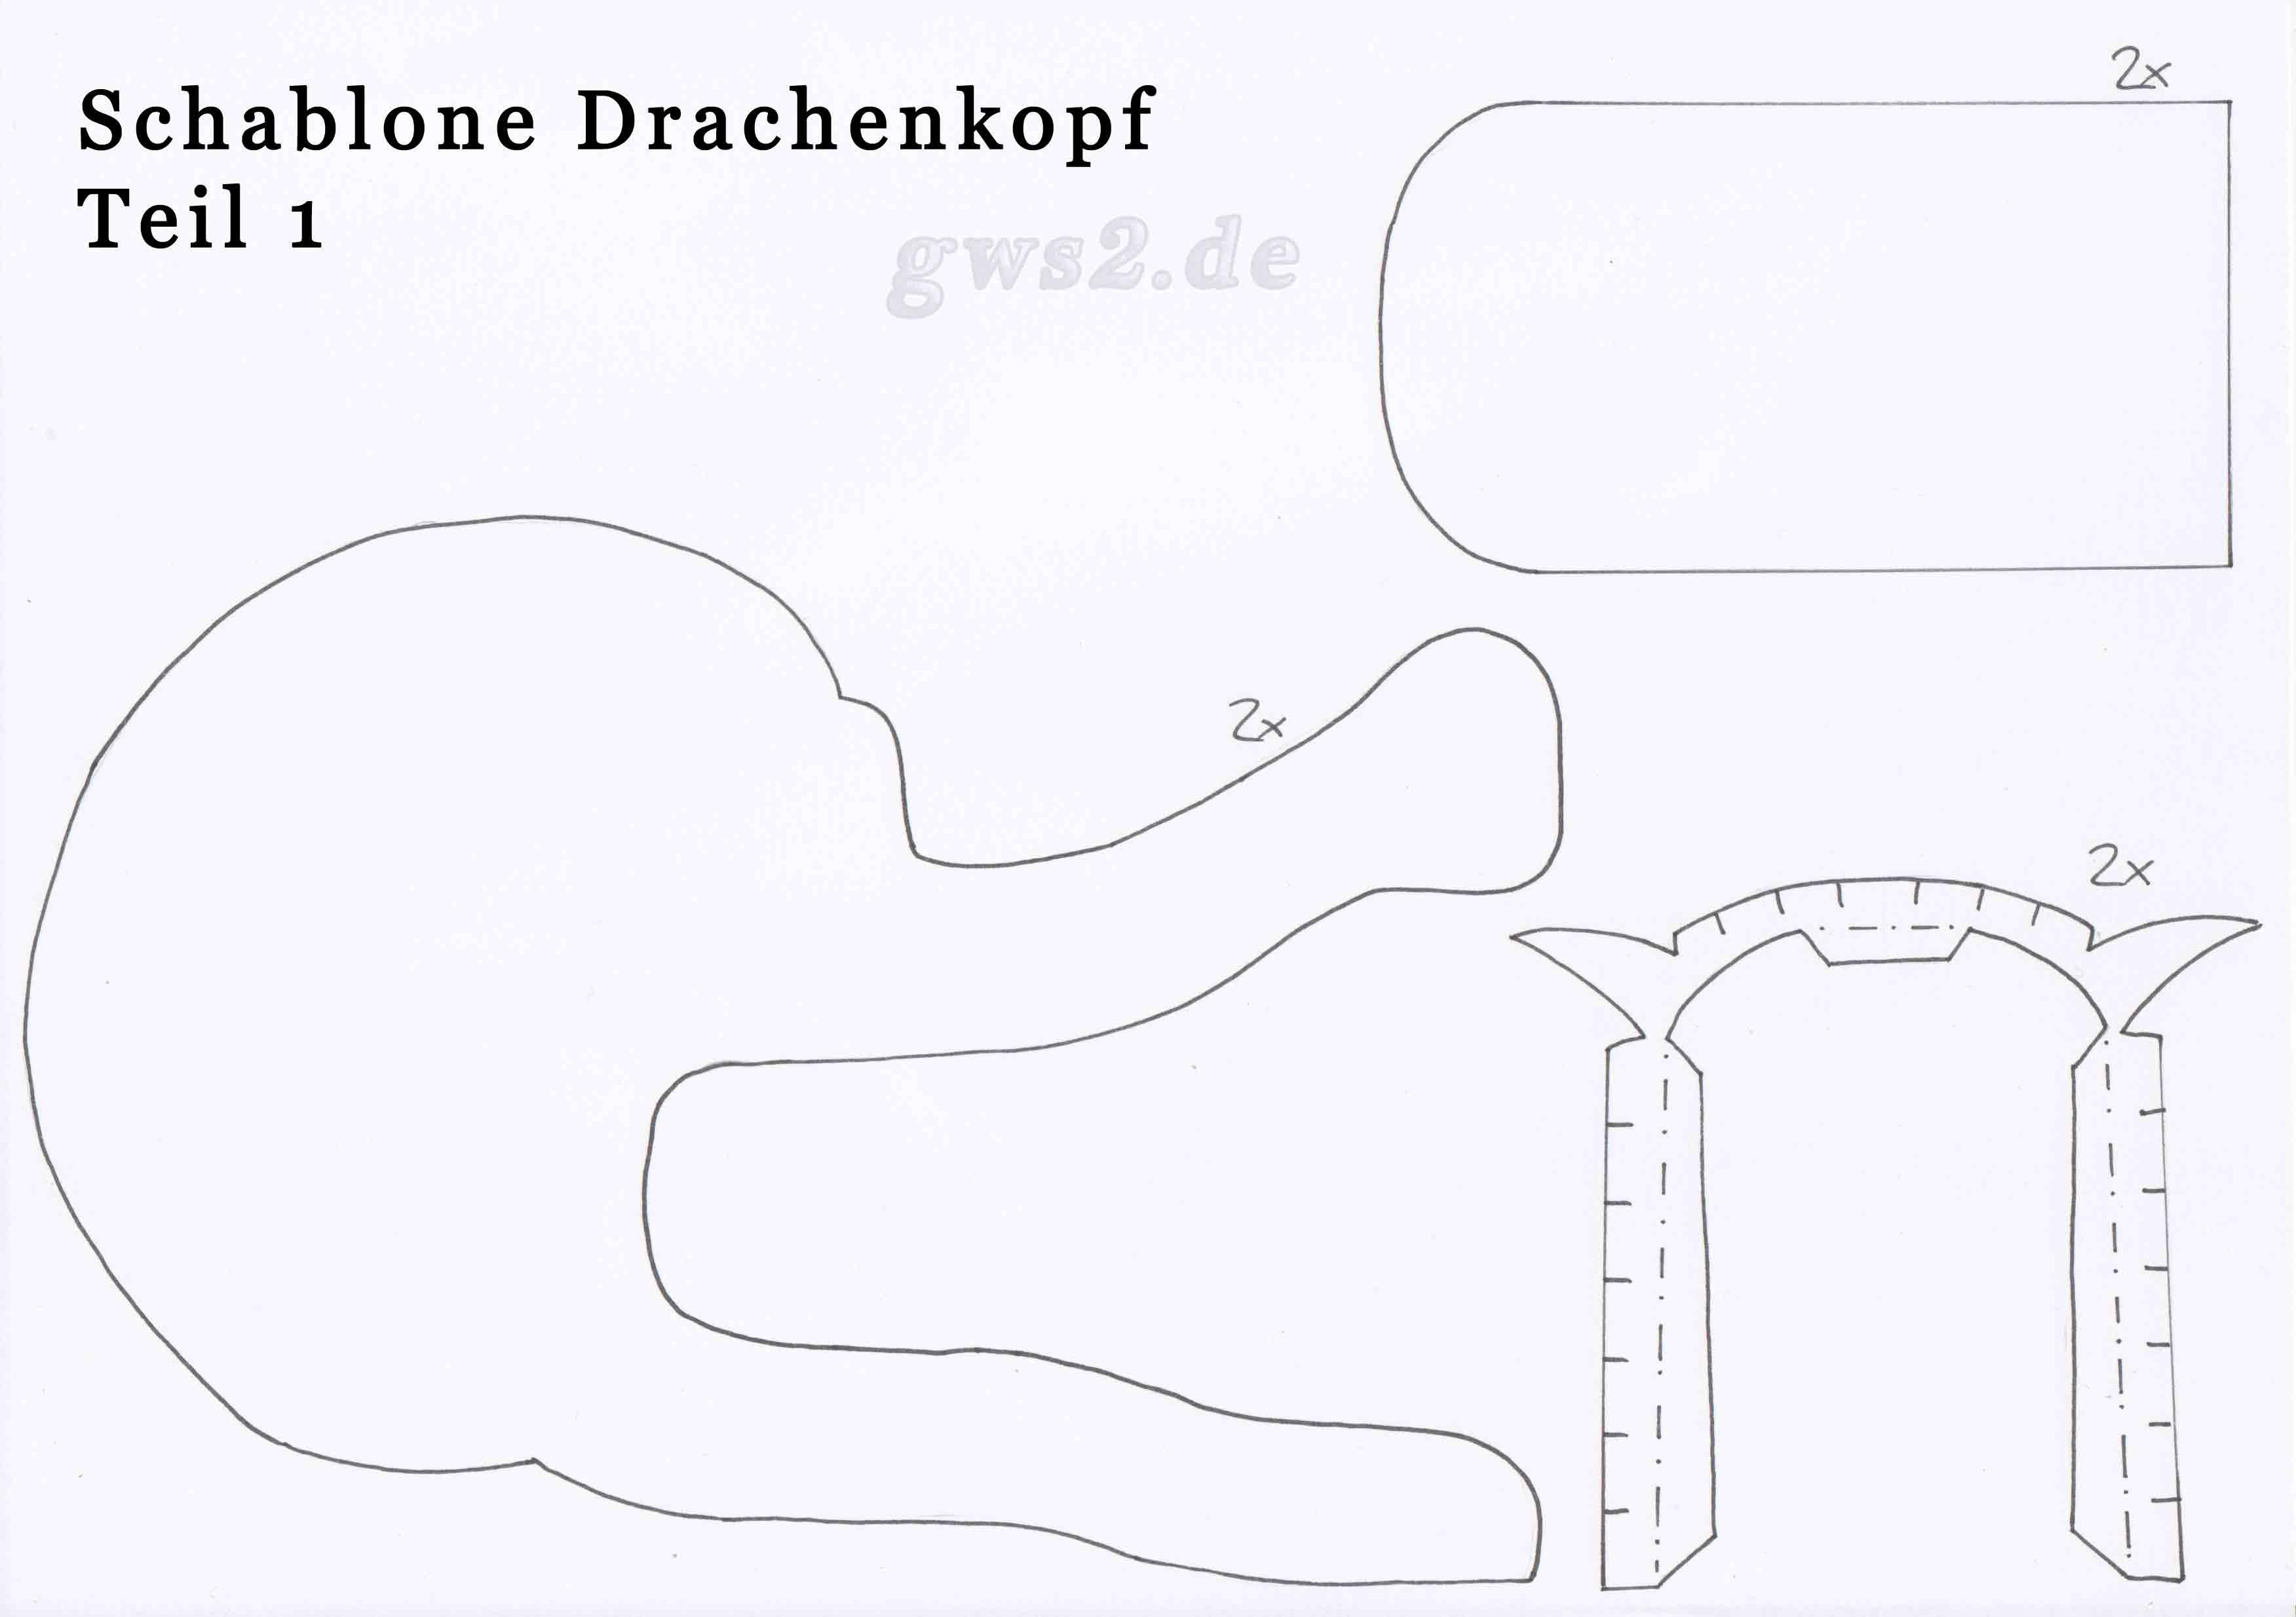 Bild von Schablone für Drachenkopf